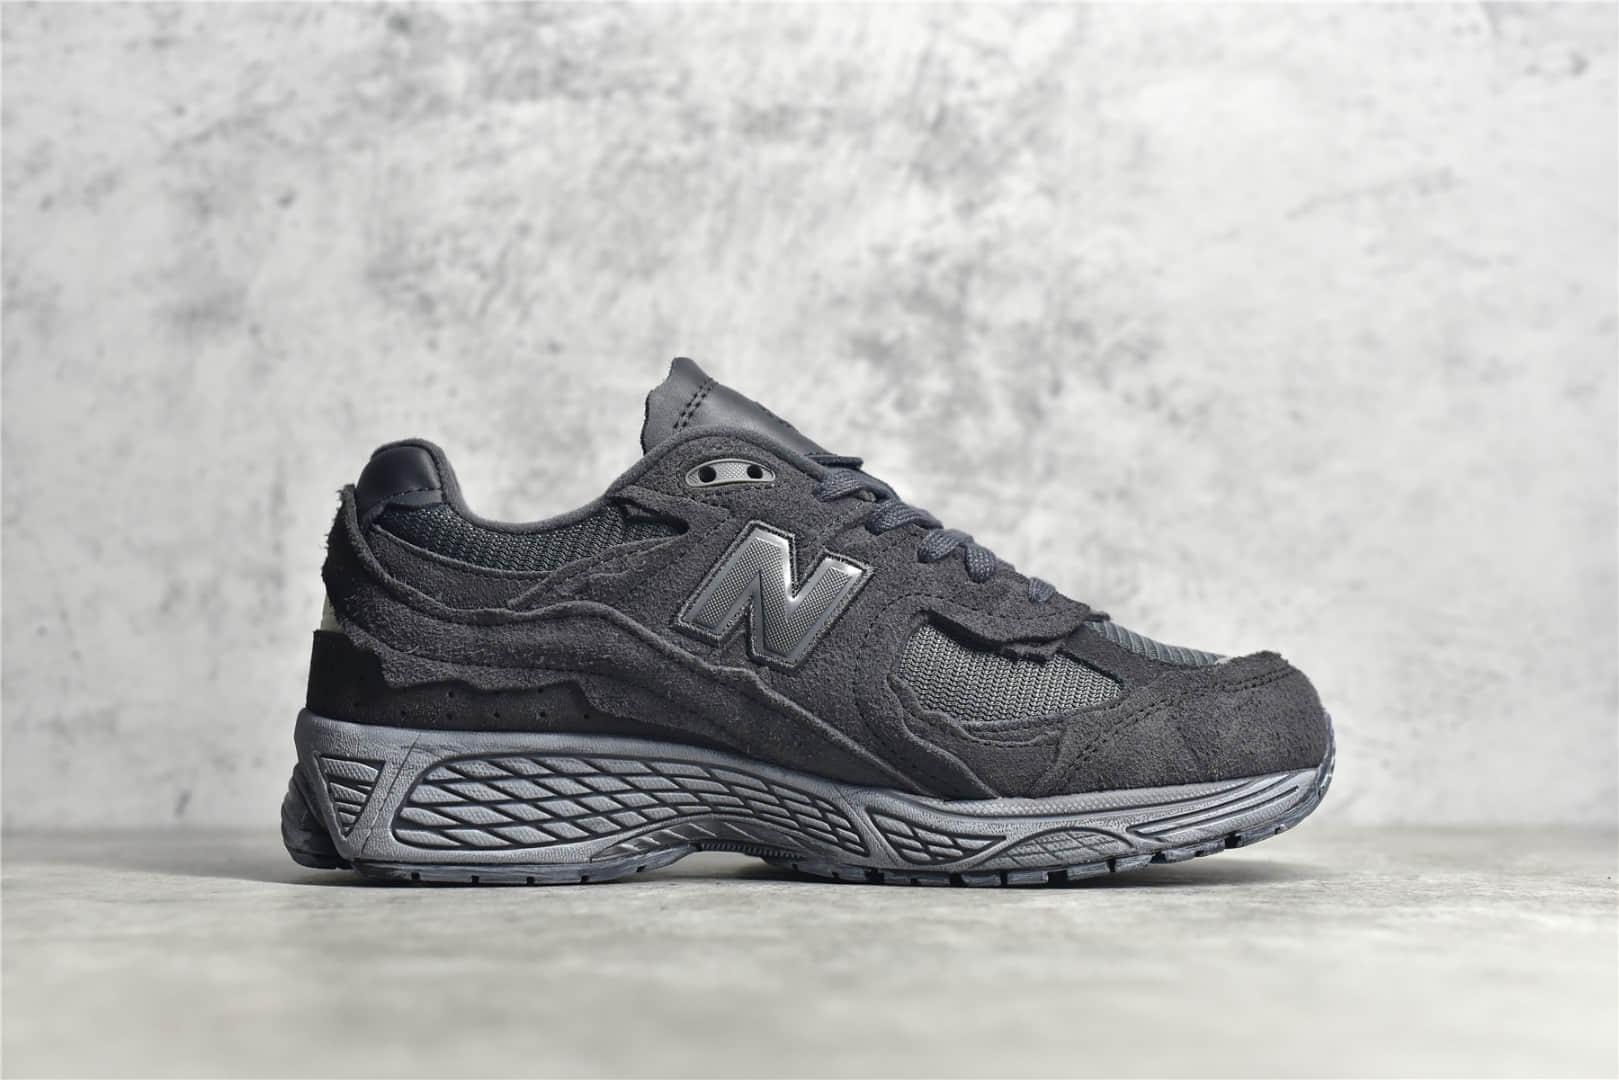 新百伦NB2002R幻影黑 New Balance 2002R 新百伦黑色跑鞋 公司级NB跑鞋货源 货号:M2002RDB-潮流者之家